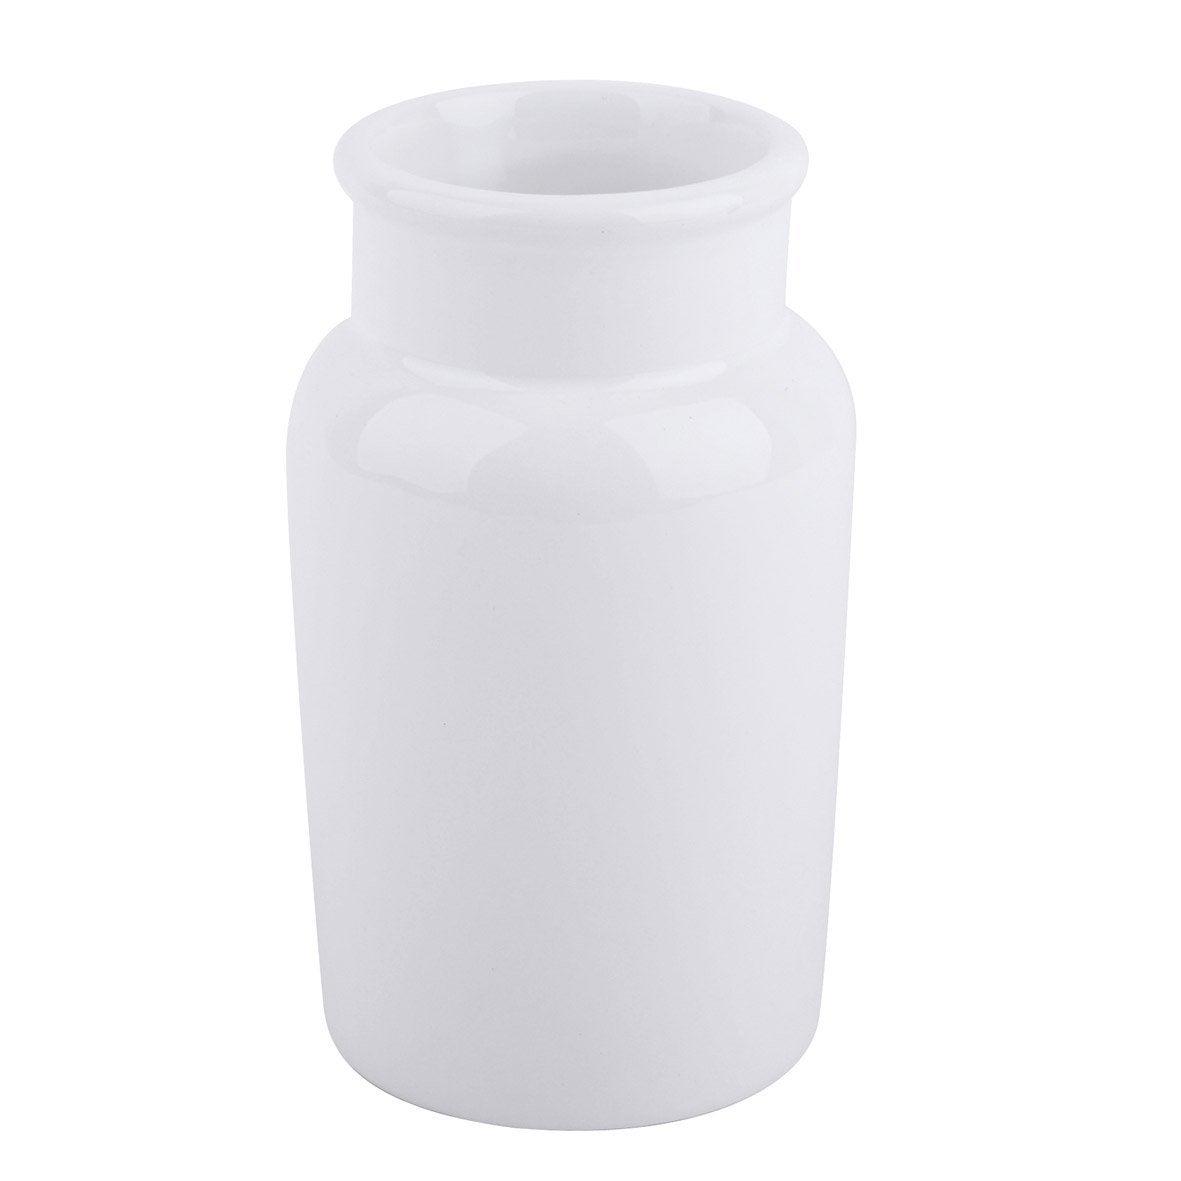 Gobelet céramique Milk, white n°0